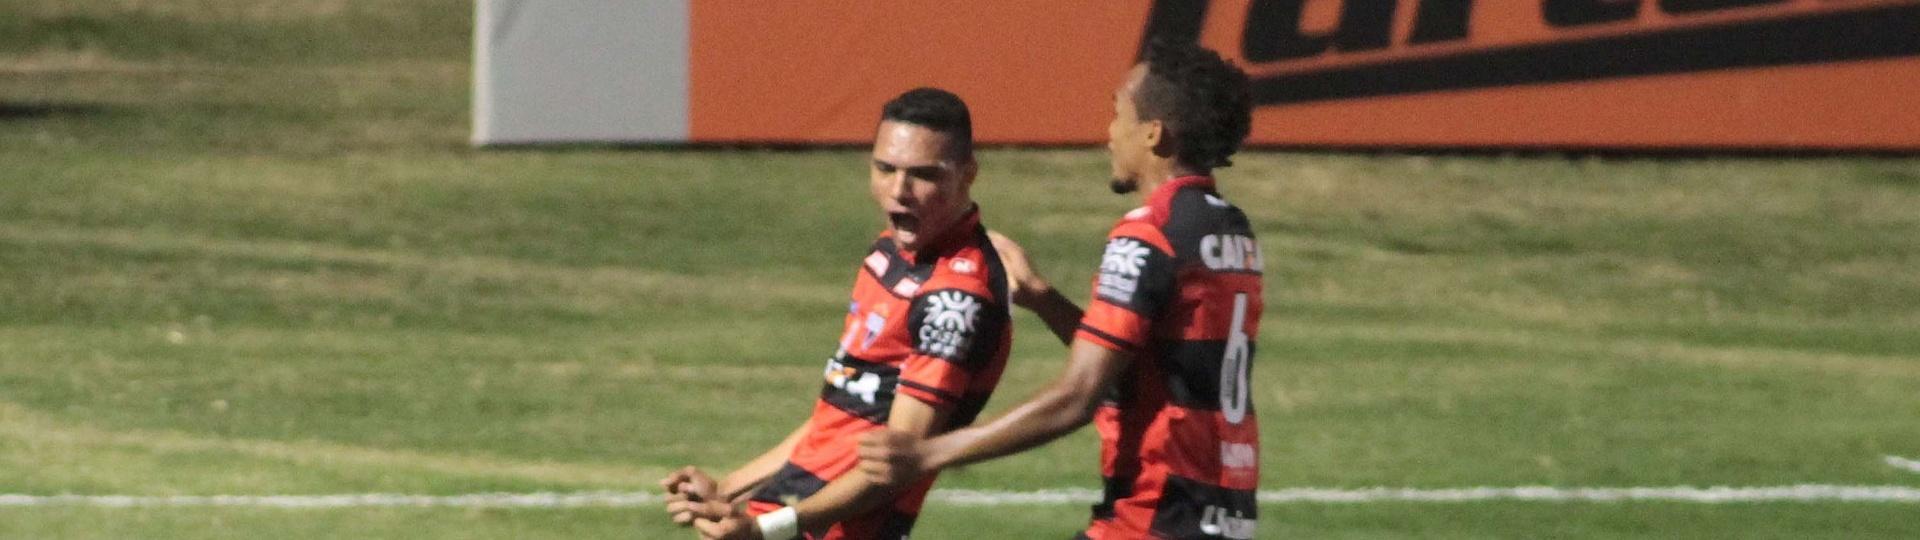 Luiz Fernando marcou na vitória do Atlético-GO contra a Ponte Preta